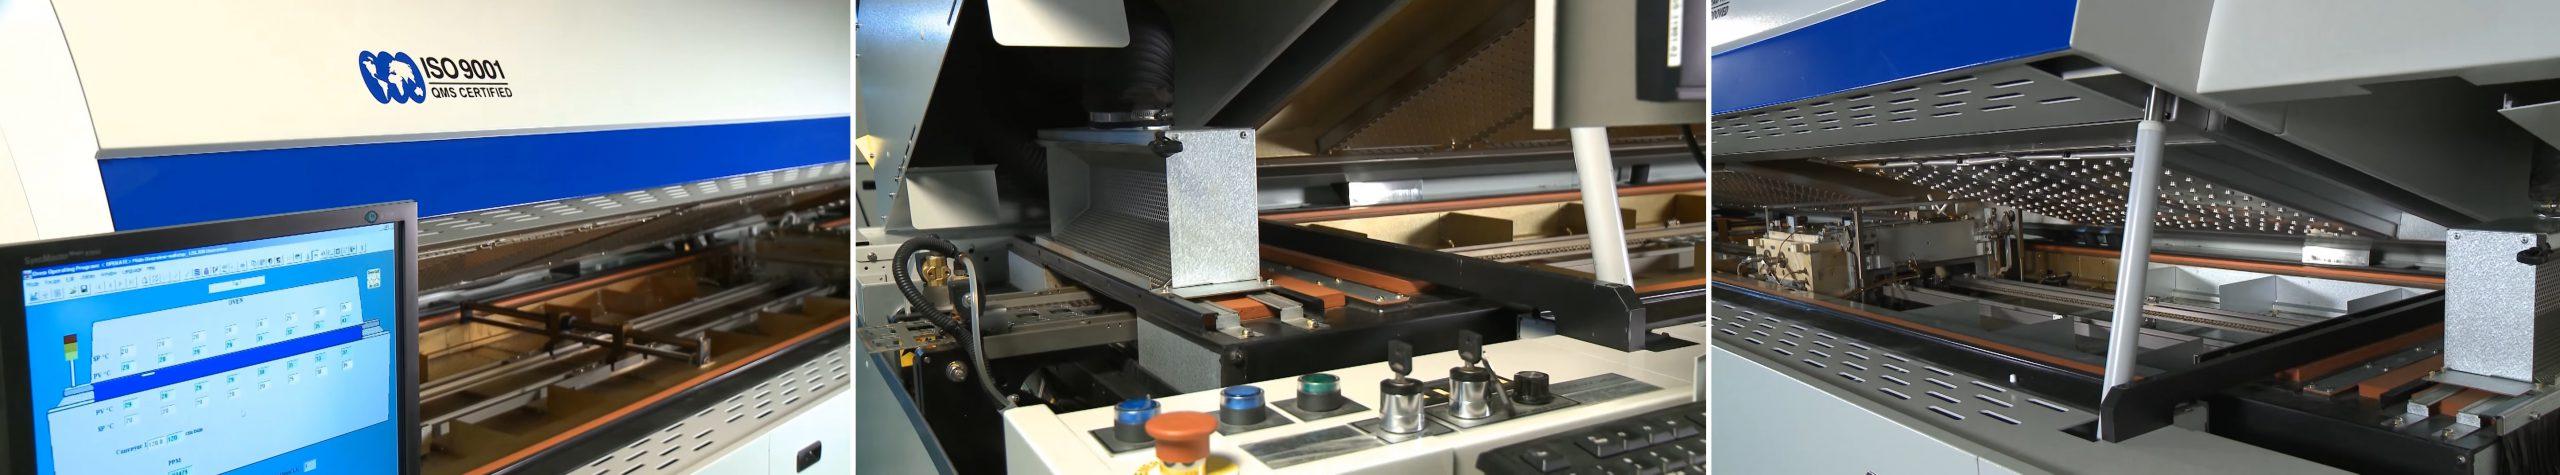 Máy Reflow Oven - MK 5 kiểm tra mạch điện tử hãng Heller